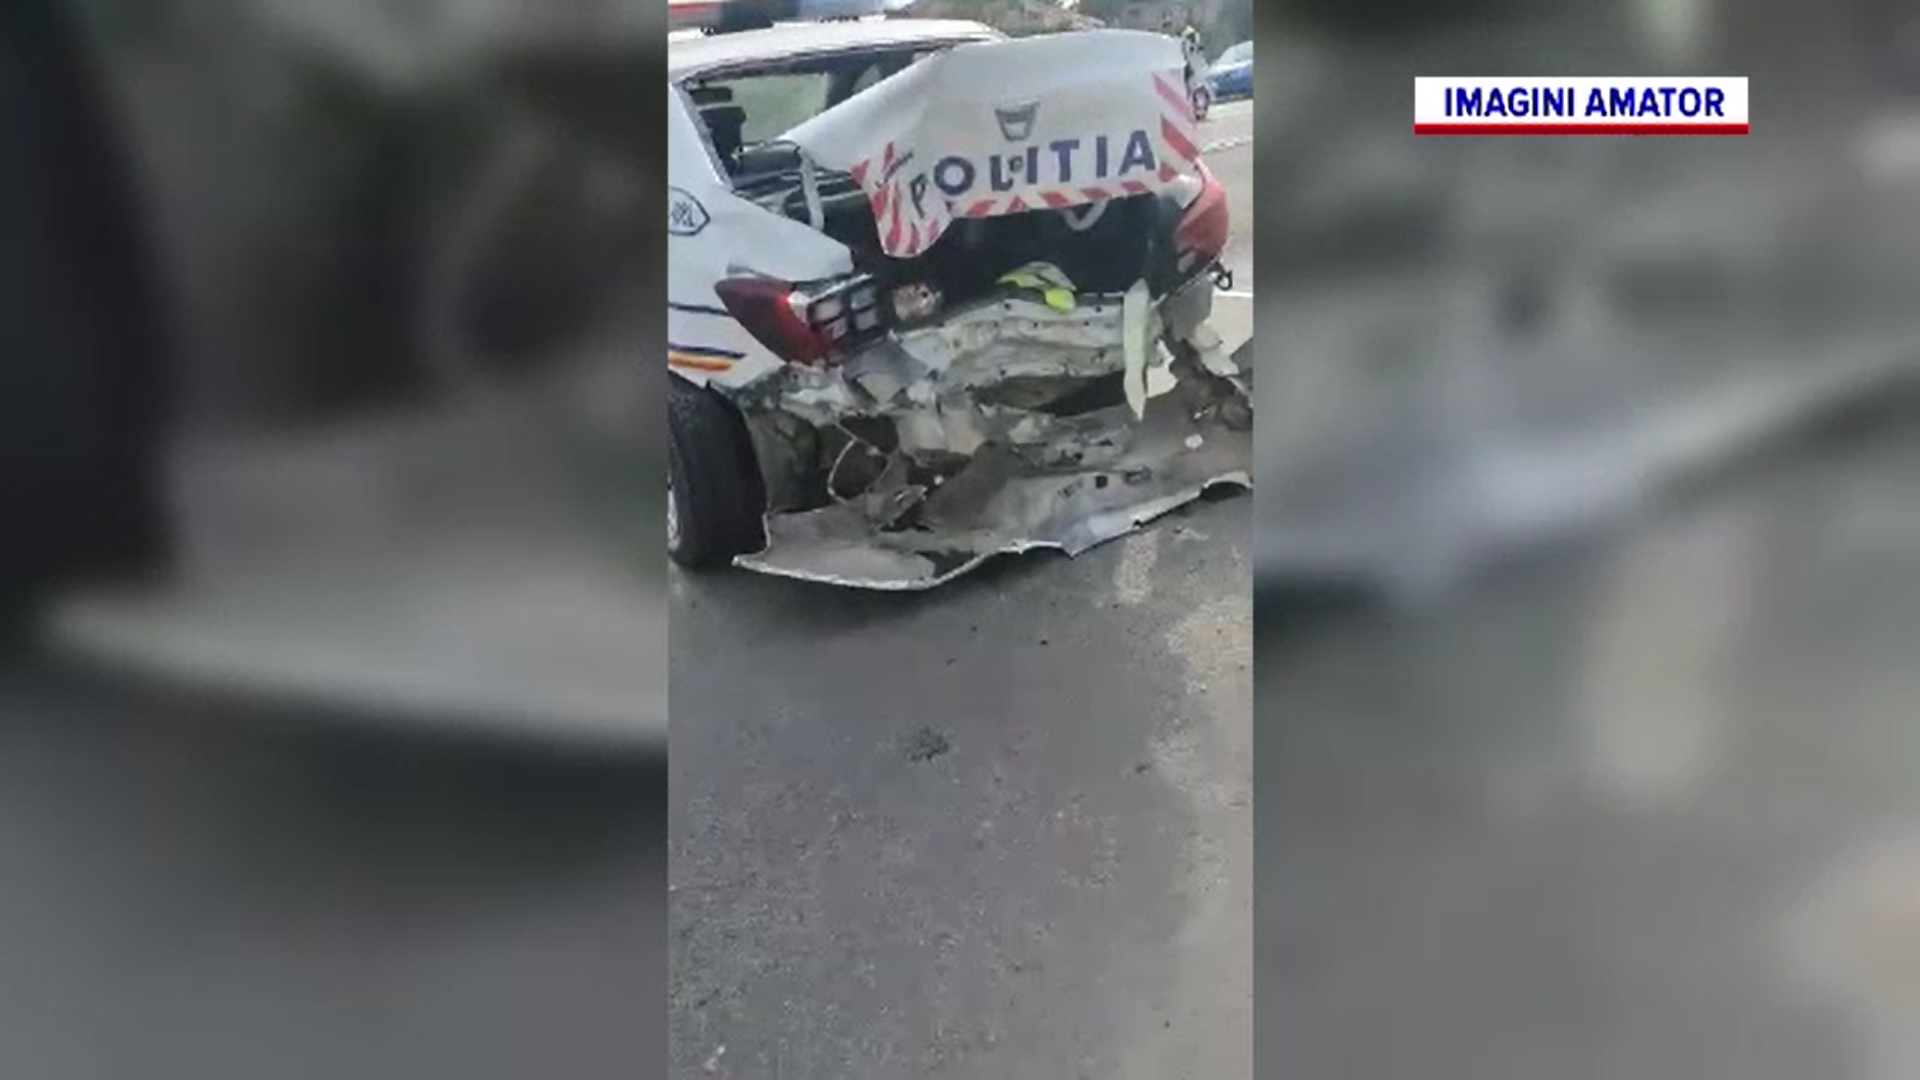 Doi poliţişti din Dolj au fost răniți într-un accident de circulaţie